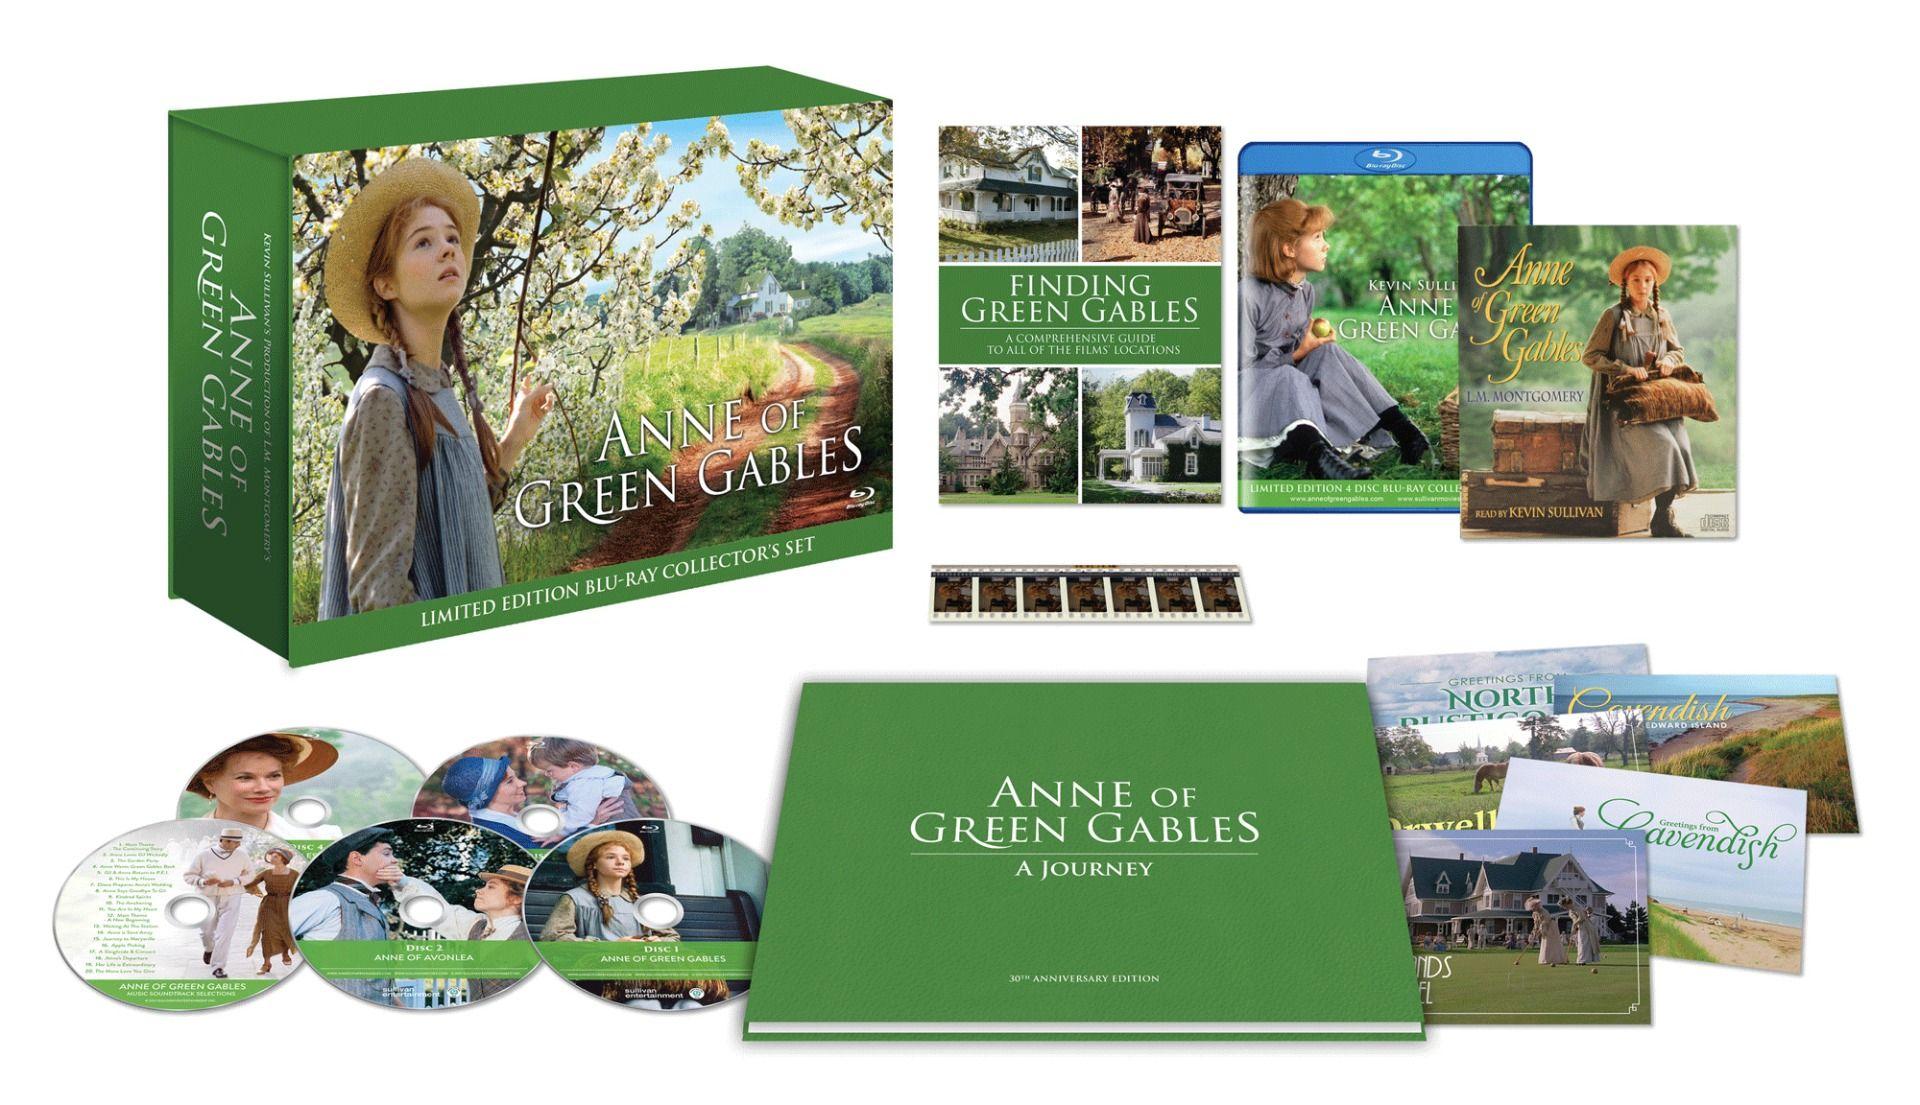 Anna Blu-ray kiadás látható mindenféle extra kiegészítőjével